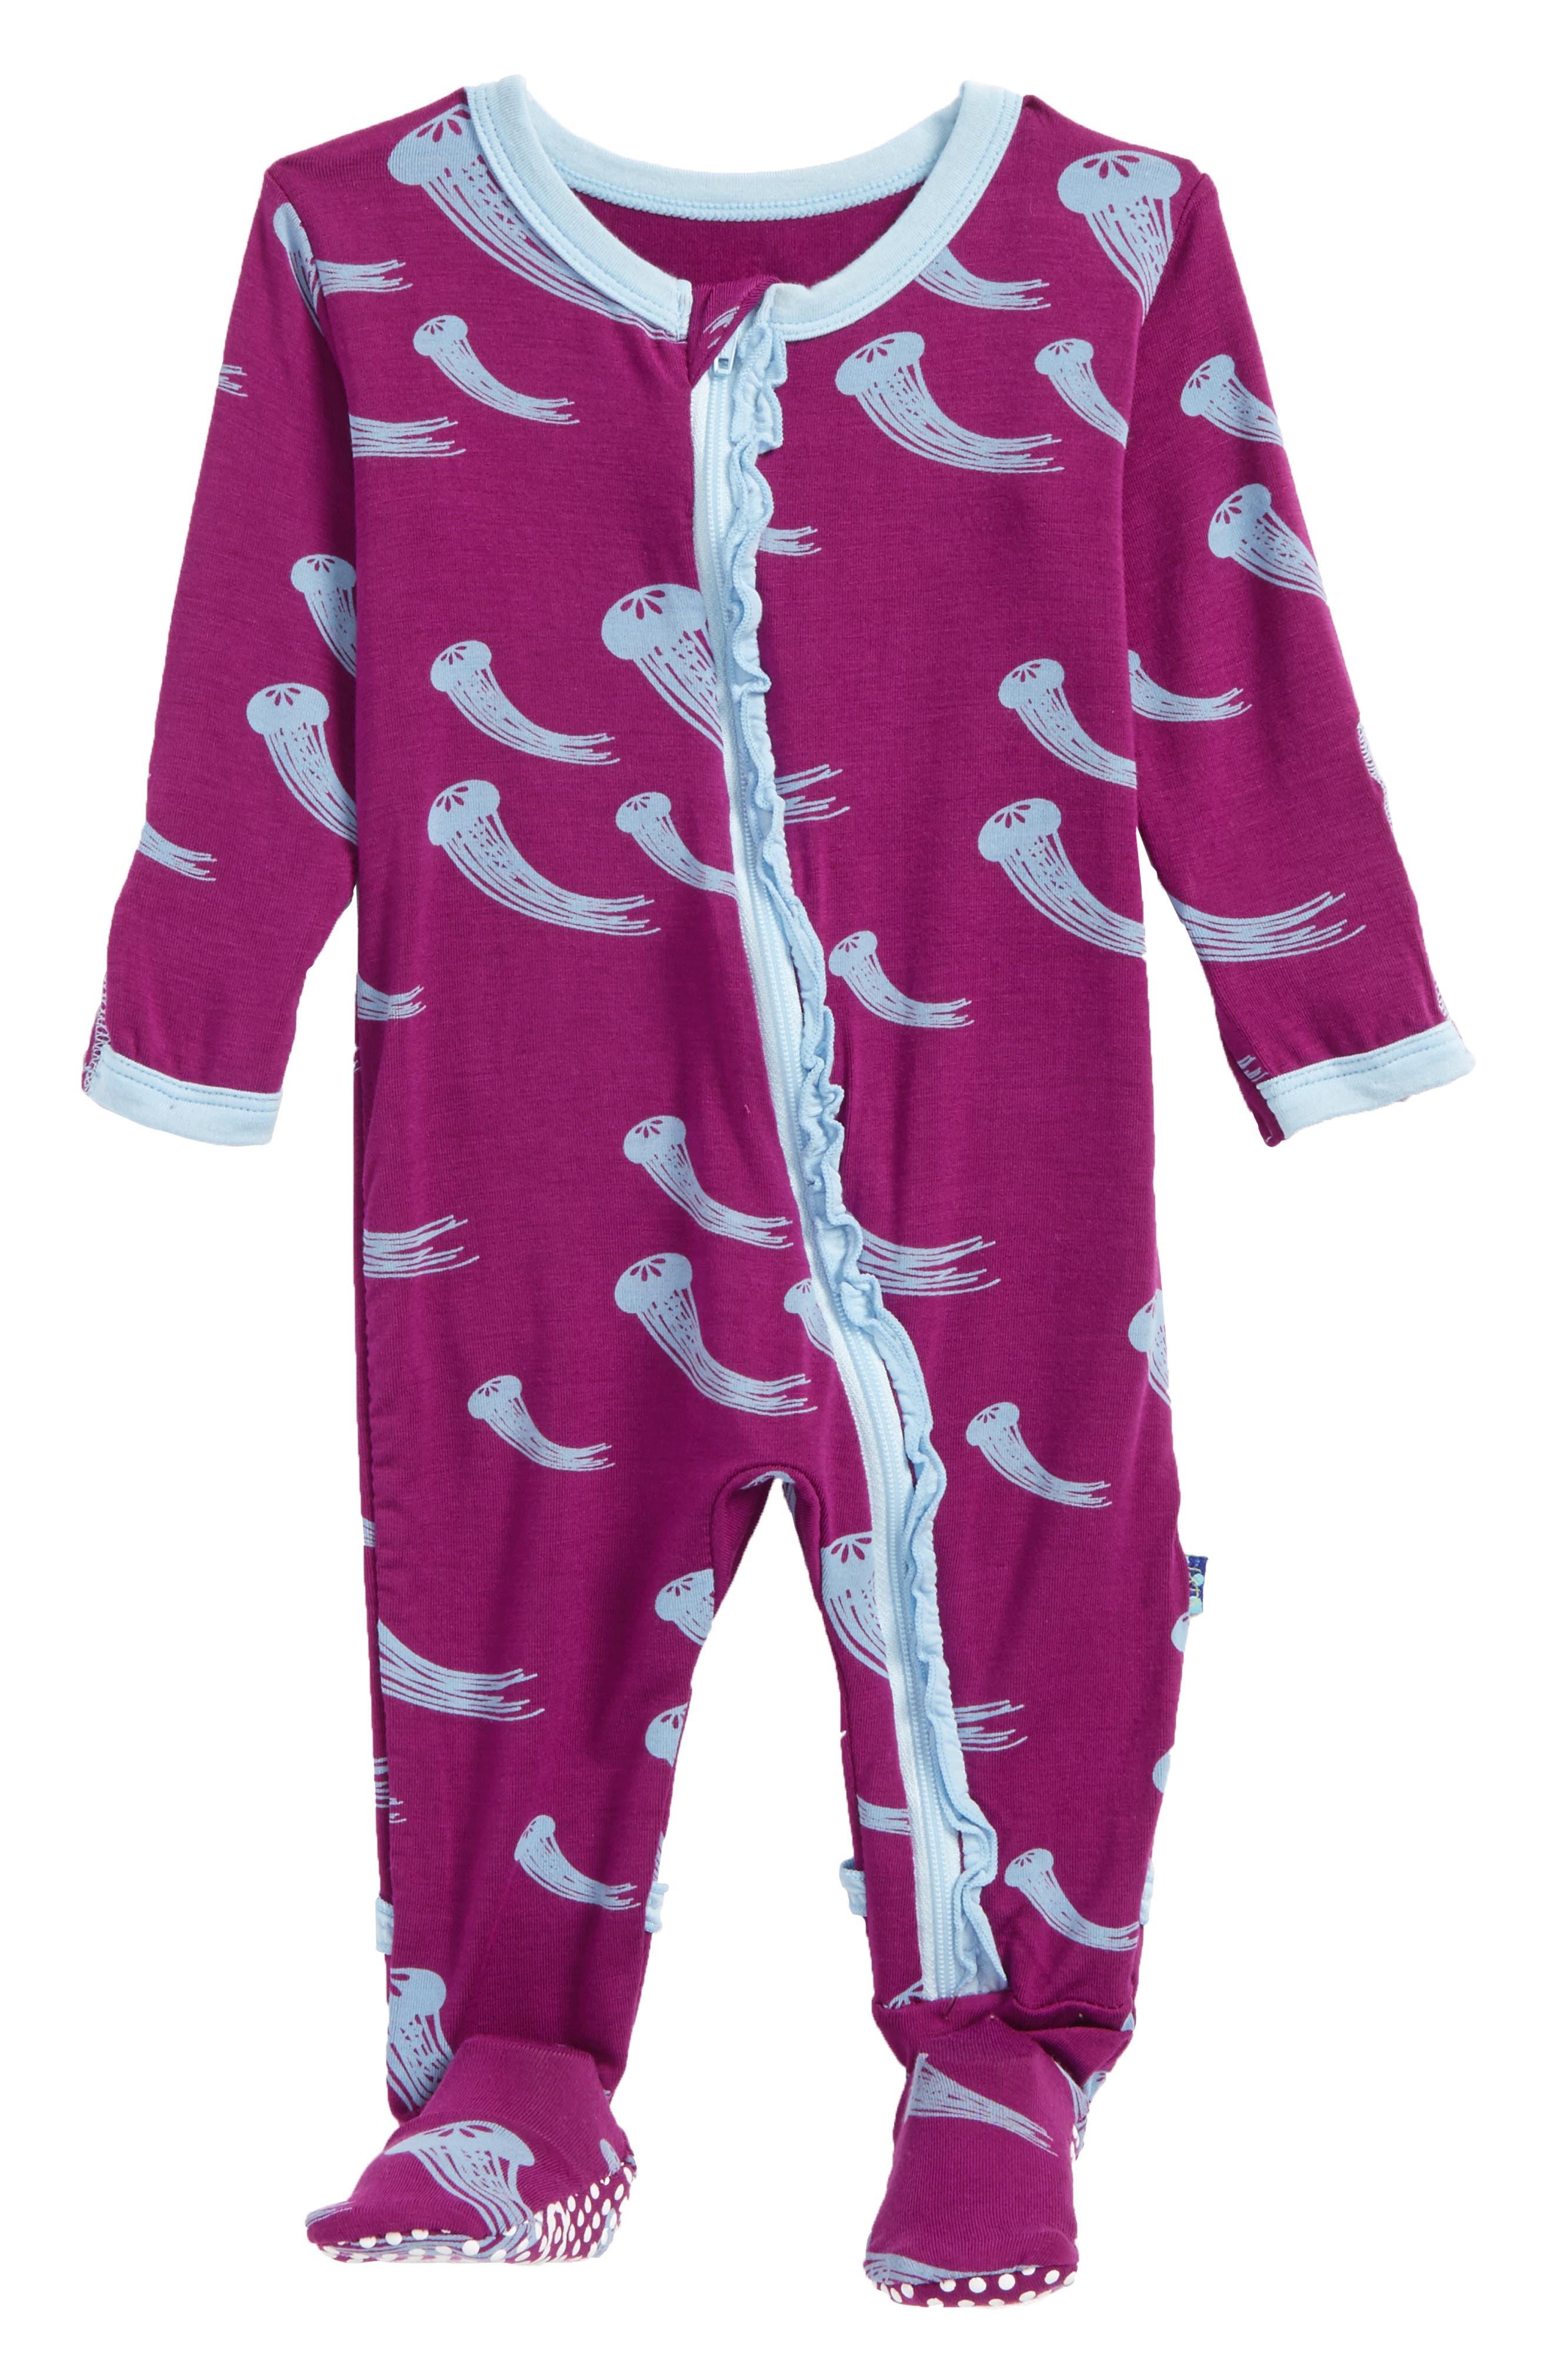 Alternate Image 1 Selected - Kickee Pants Print Ruffle Footie (Baby Girls)